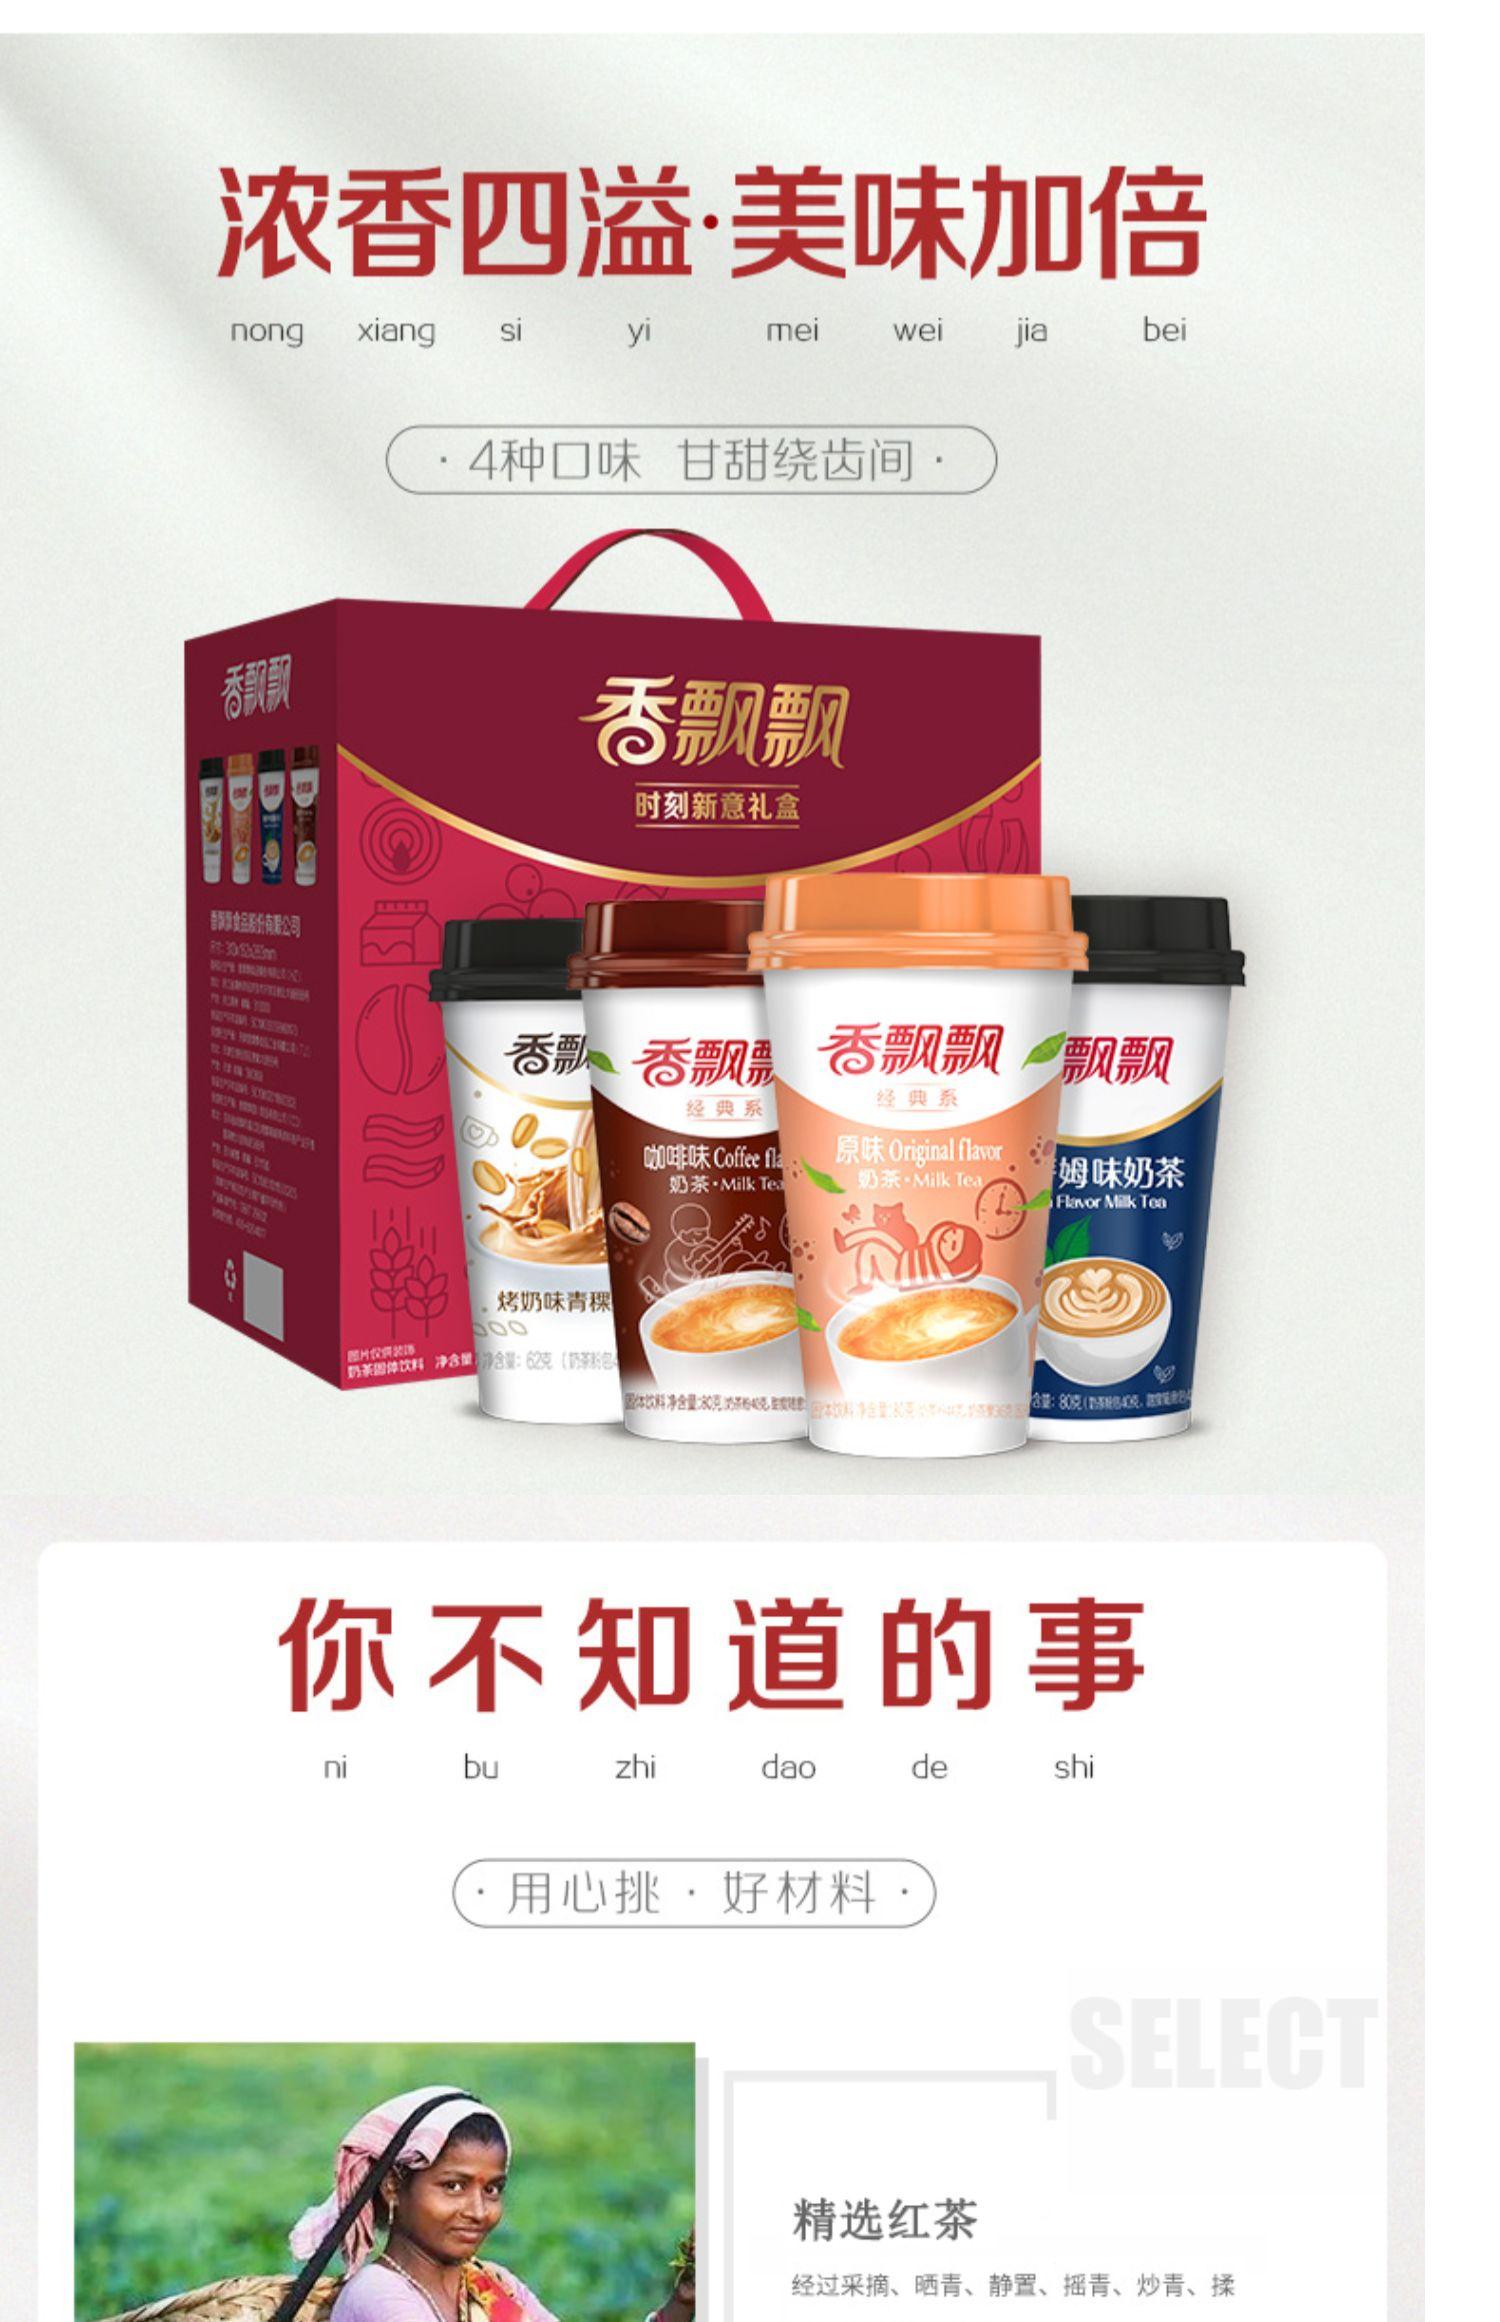 【王一博推荐】【香飘飘】新意礼盒装奶茶